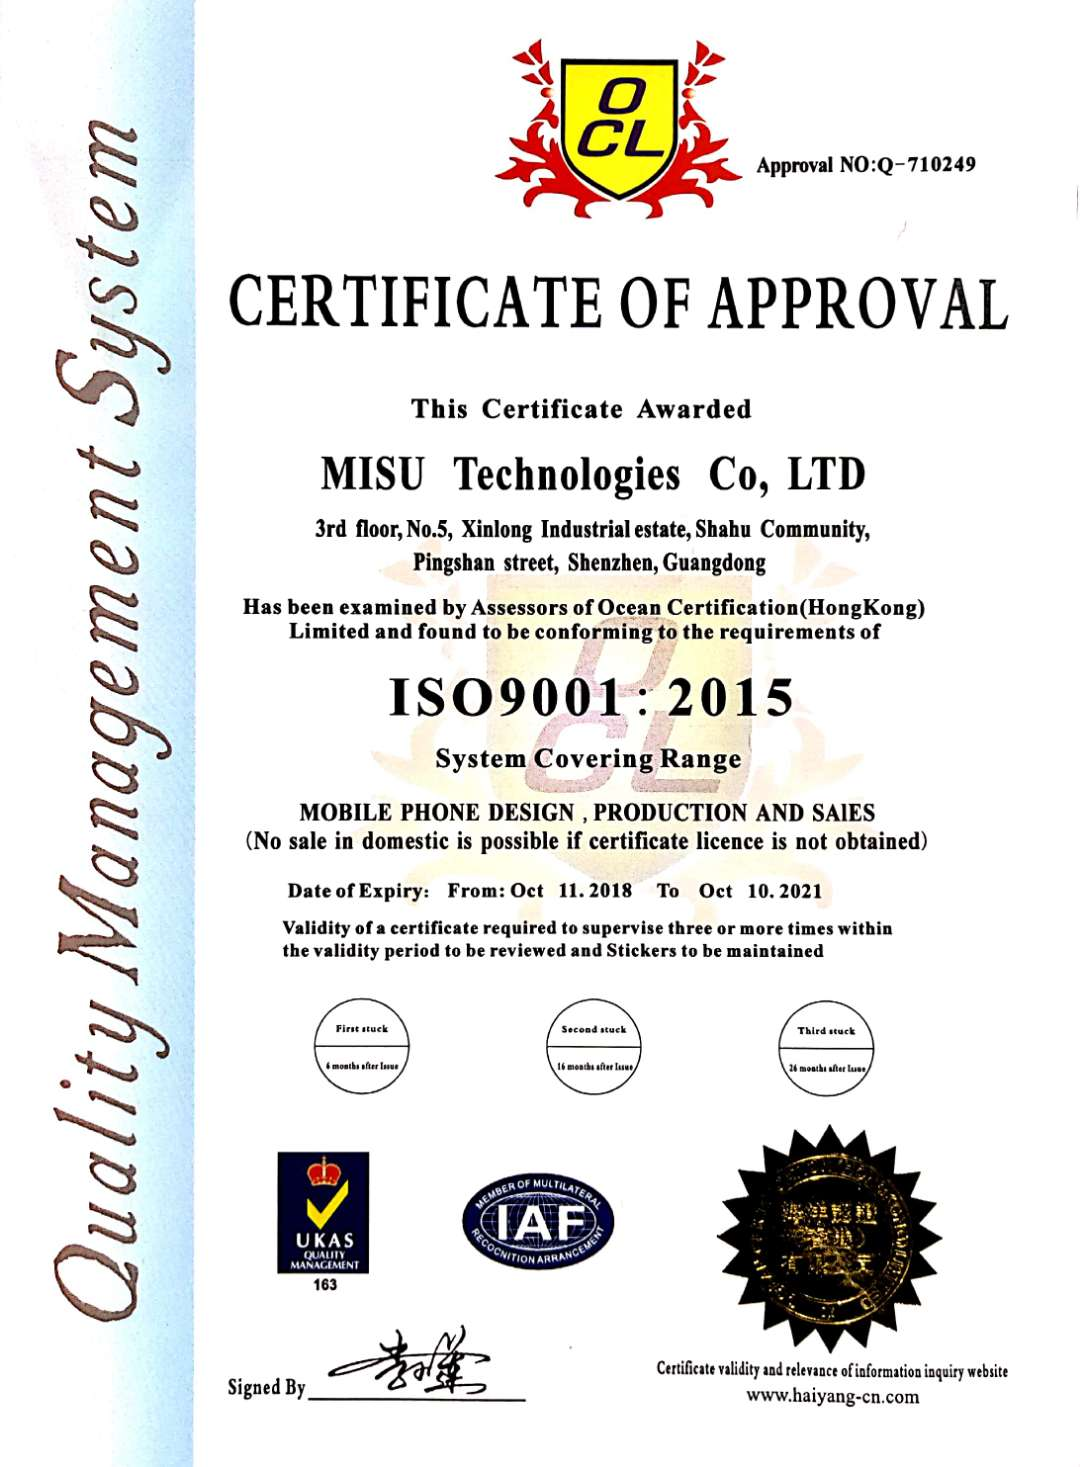 iOS9001认证证书(中文)